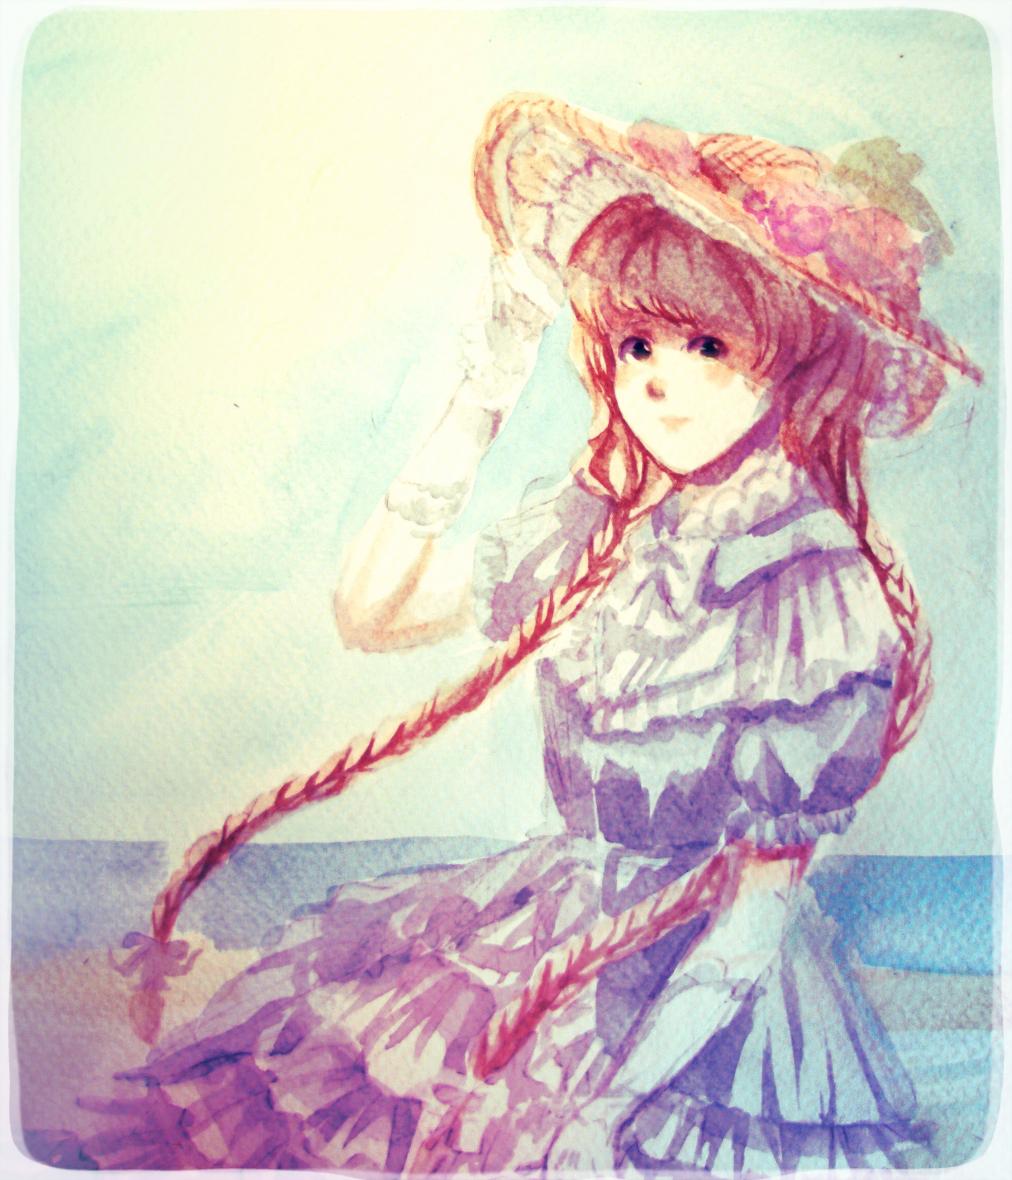 Letni wiatr by rarazet